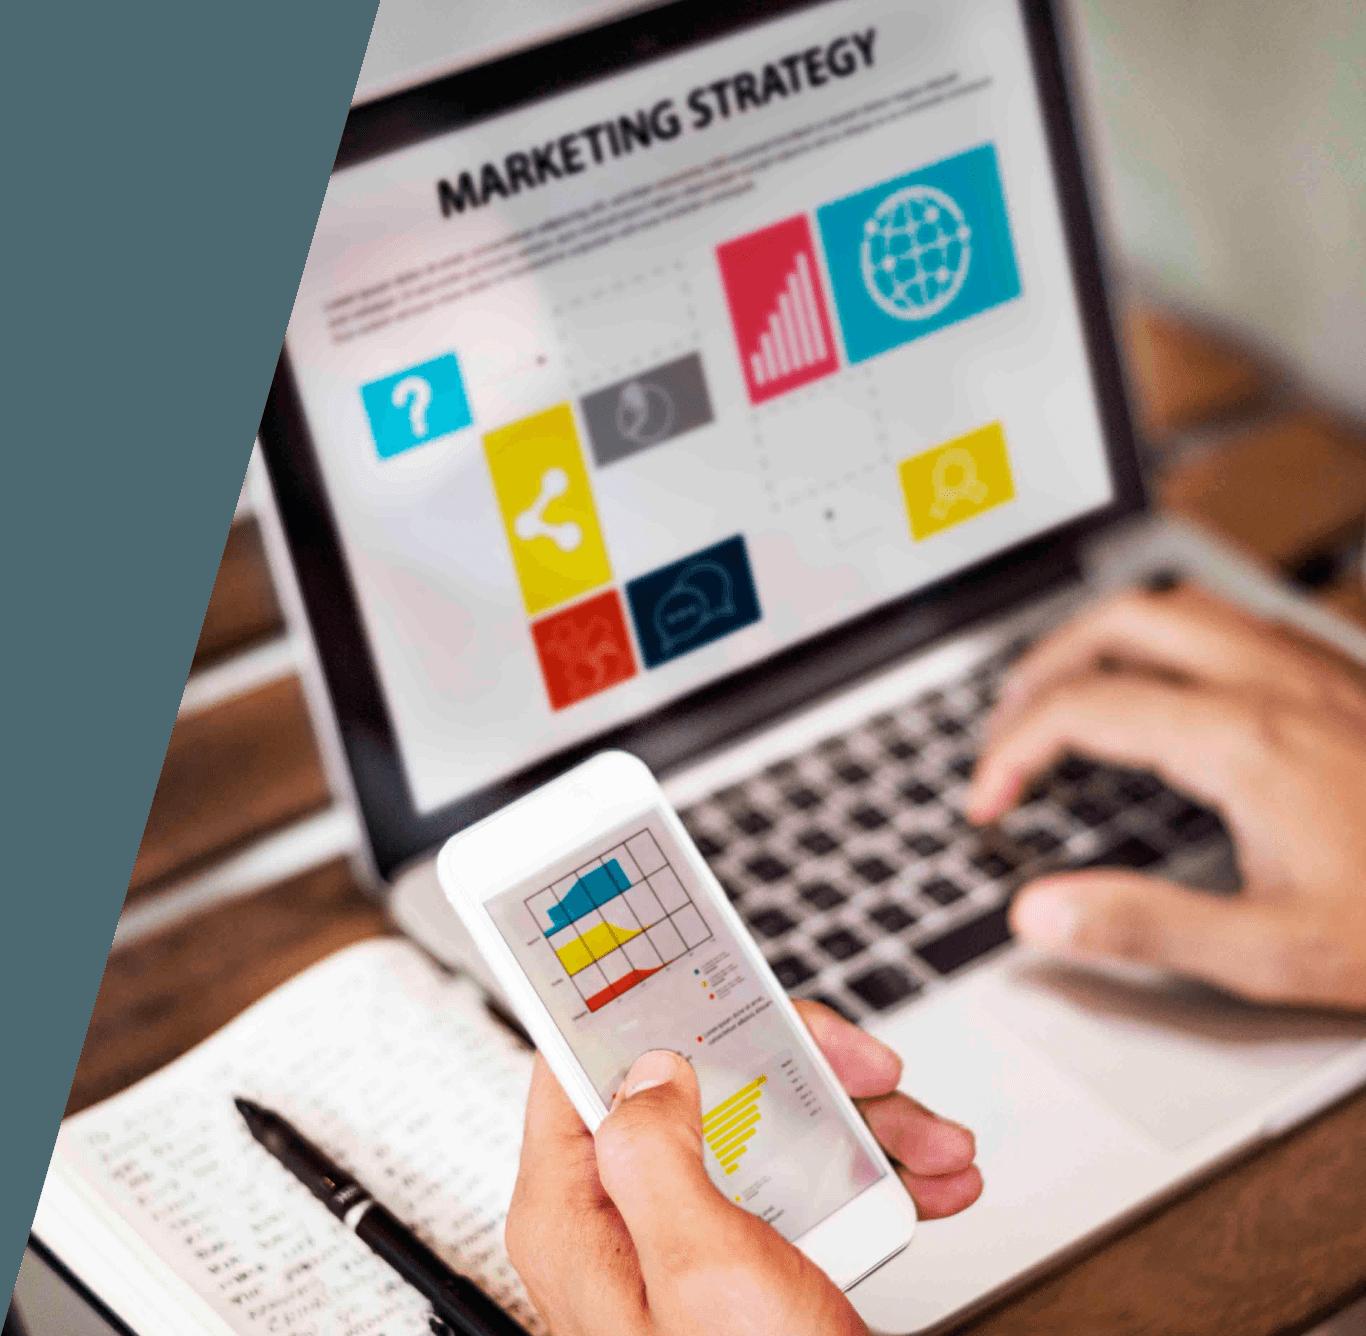 Persona con portátil y móvil analizando resultados del marketing digital